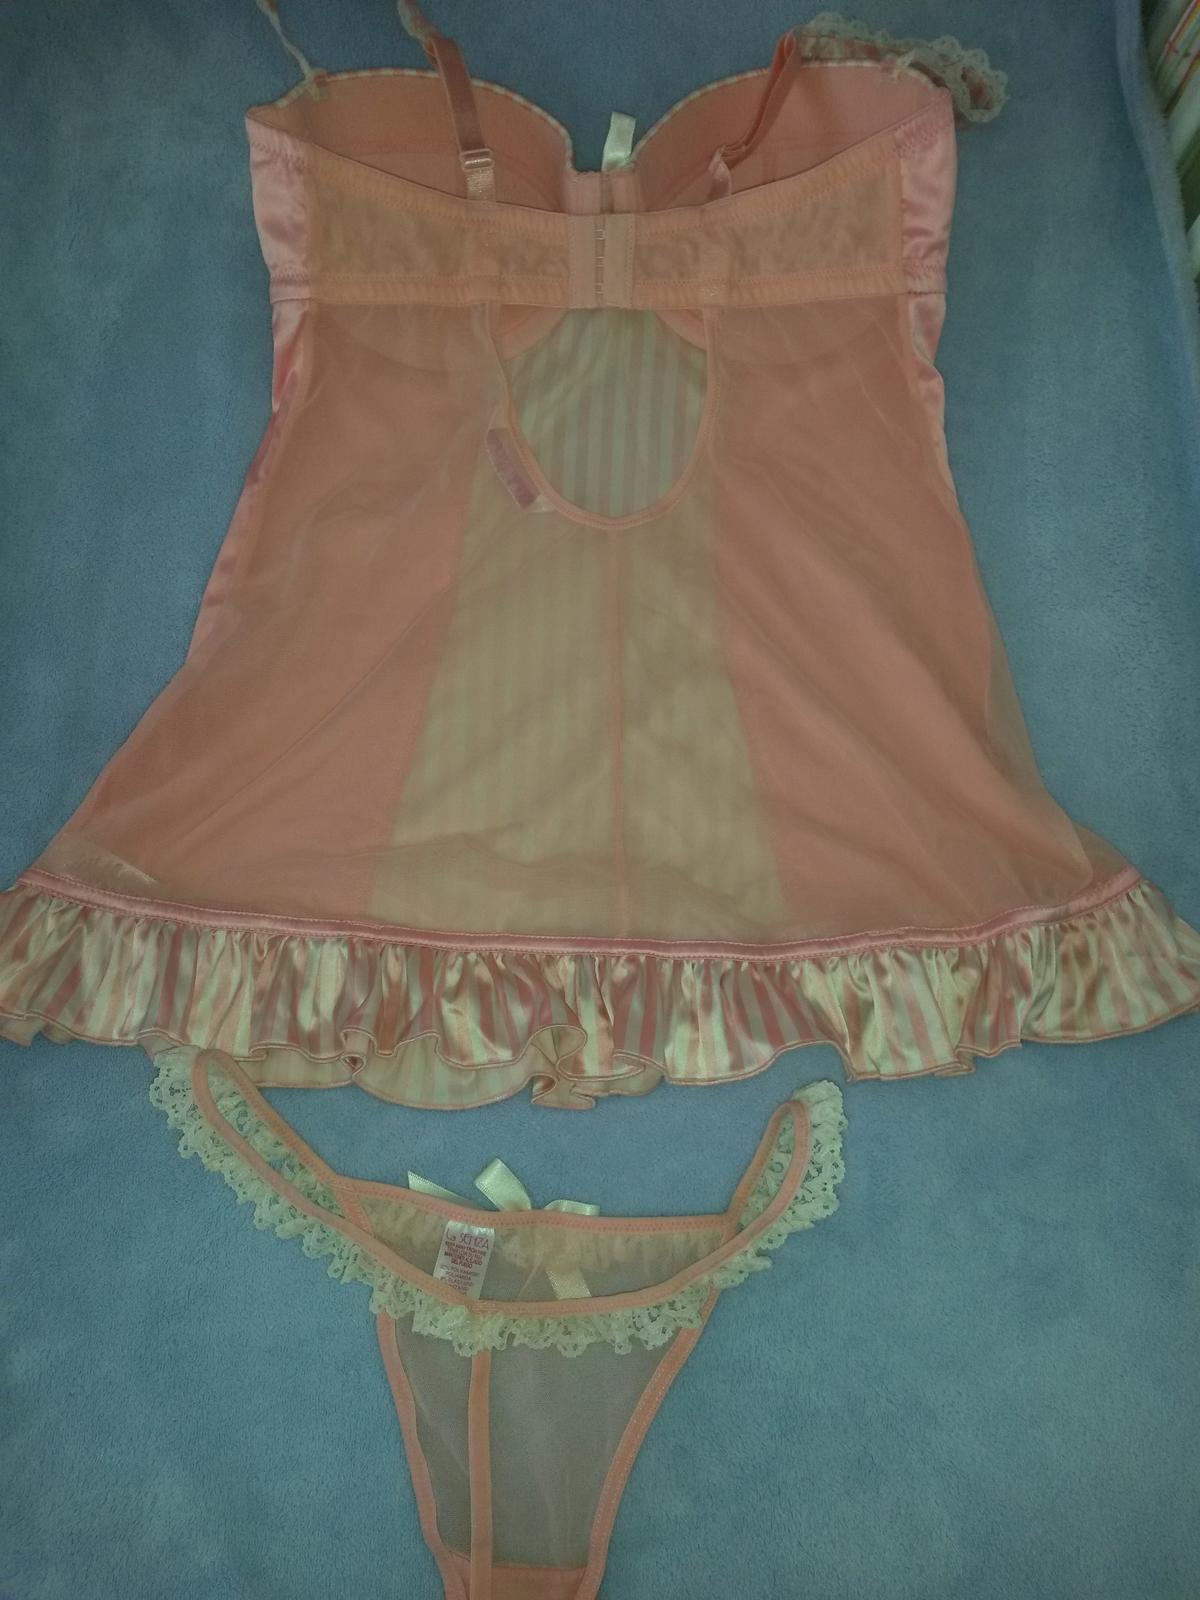 Růžové spodní prádlo - body a tanga, la Senza,nové - Obrázek č. 2